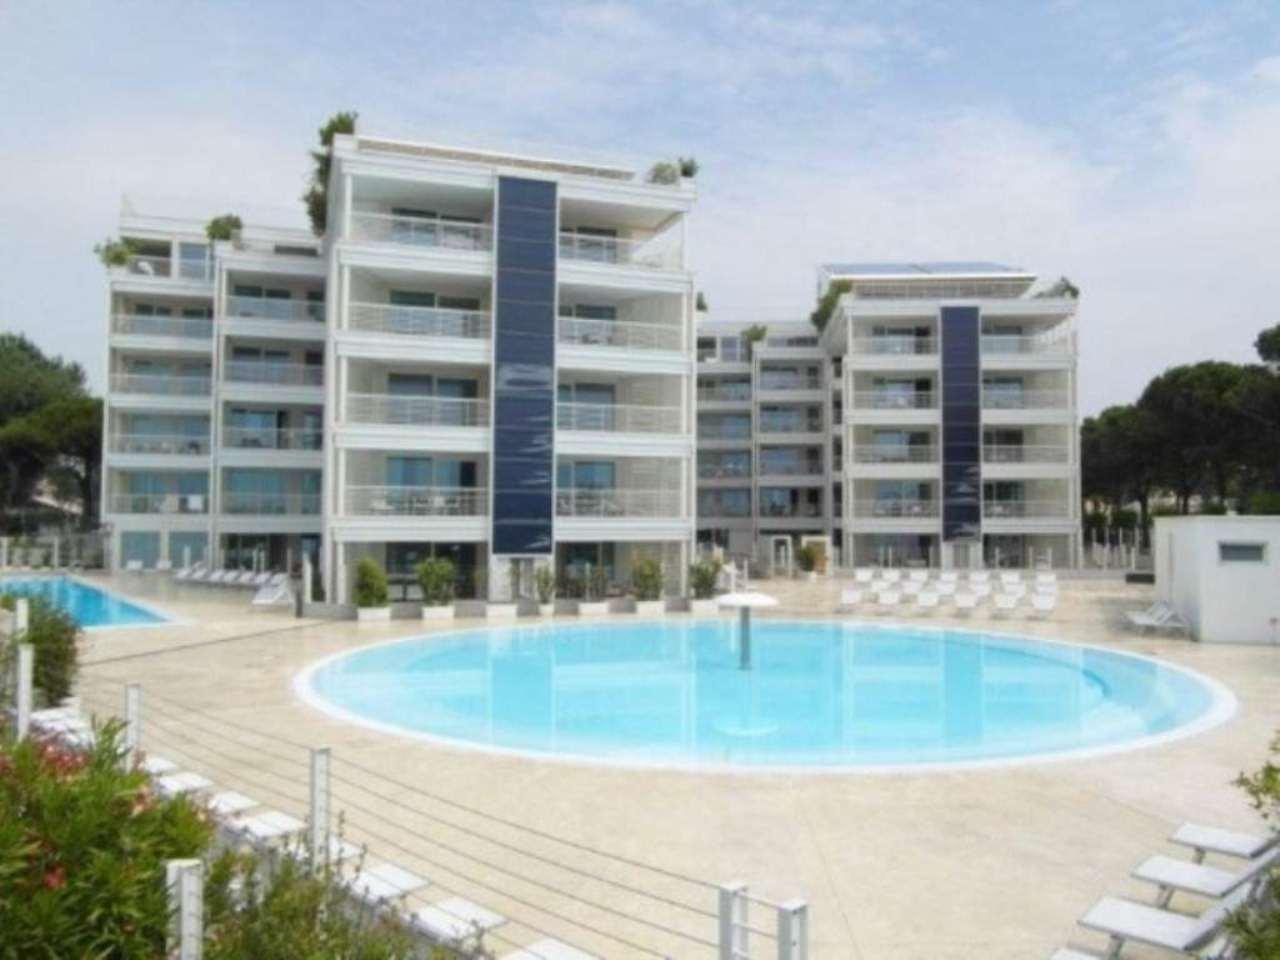 Appartamento in vendita a Caorle, 3 locali, prezzo € 400.000 | Cambio Casa.it